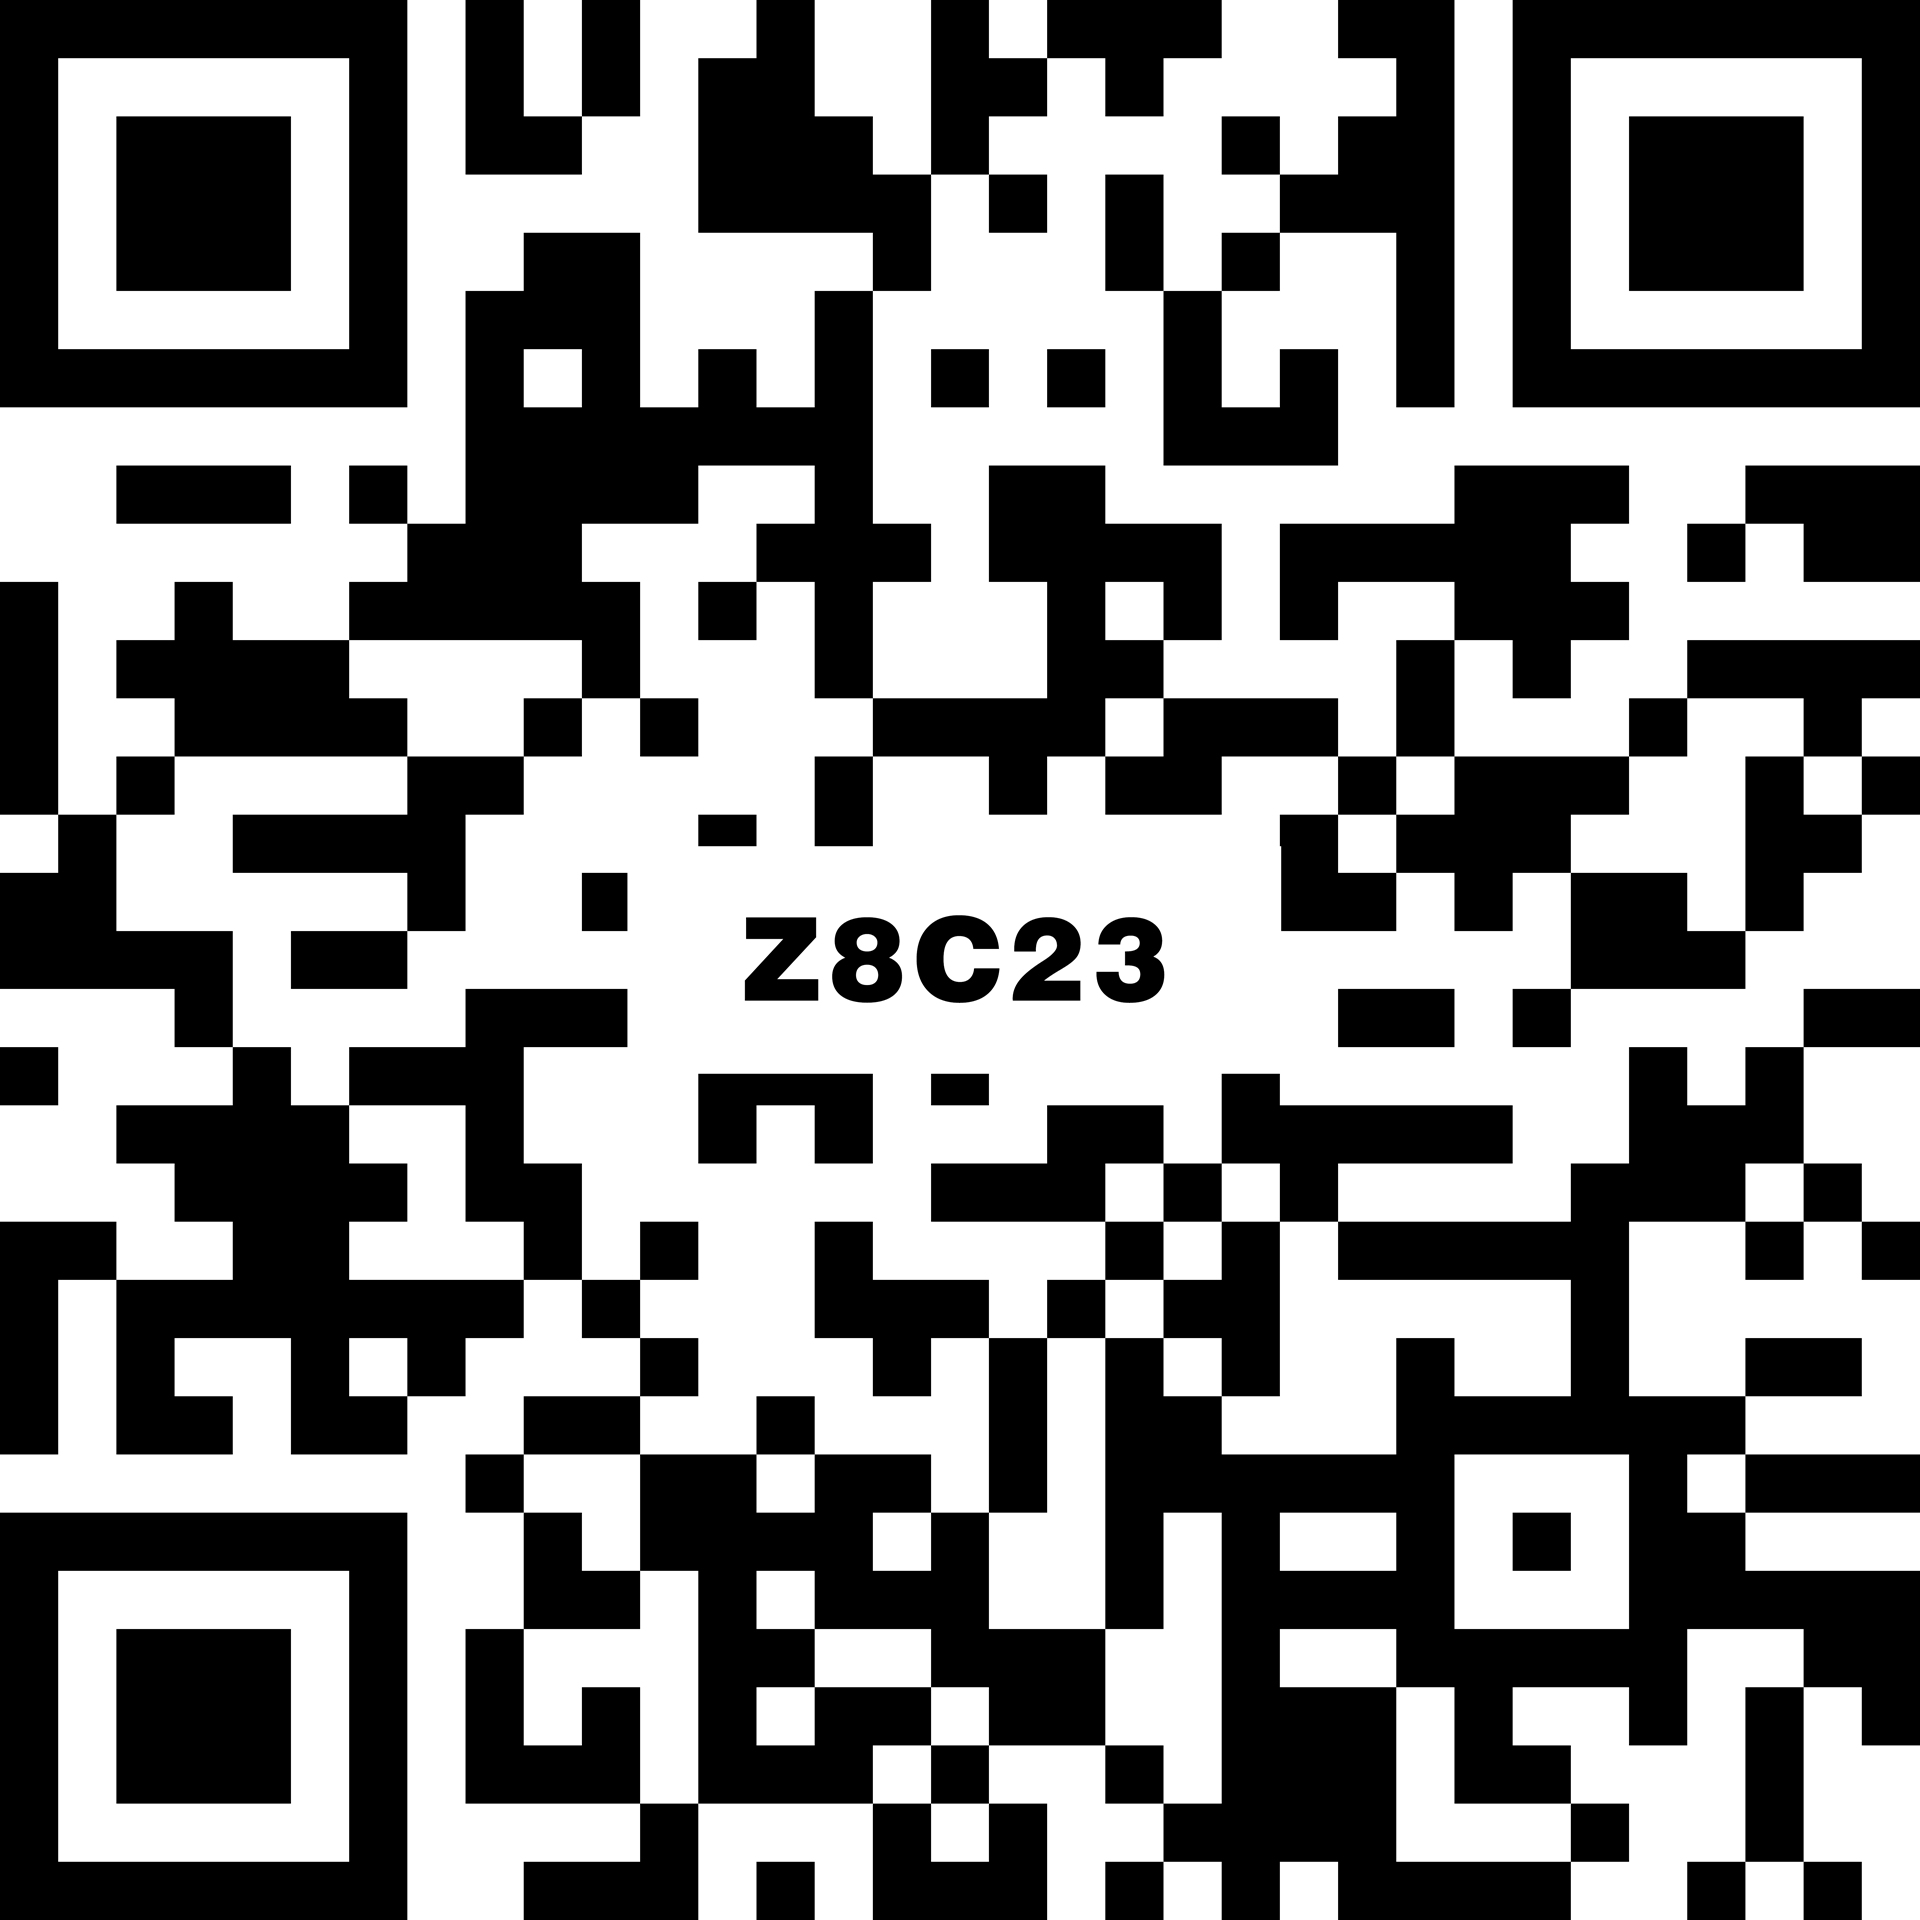 Z8C23